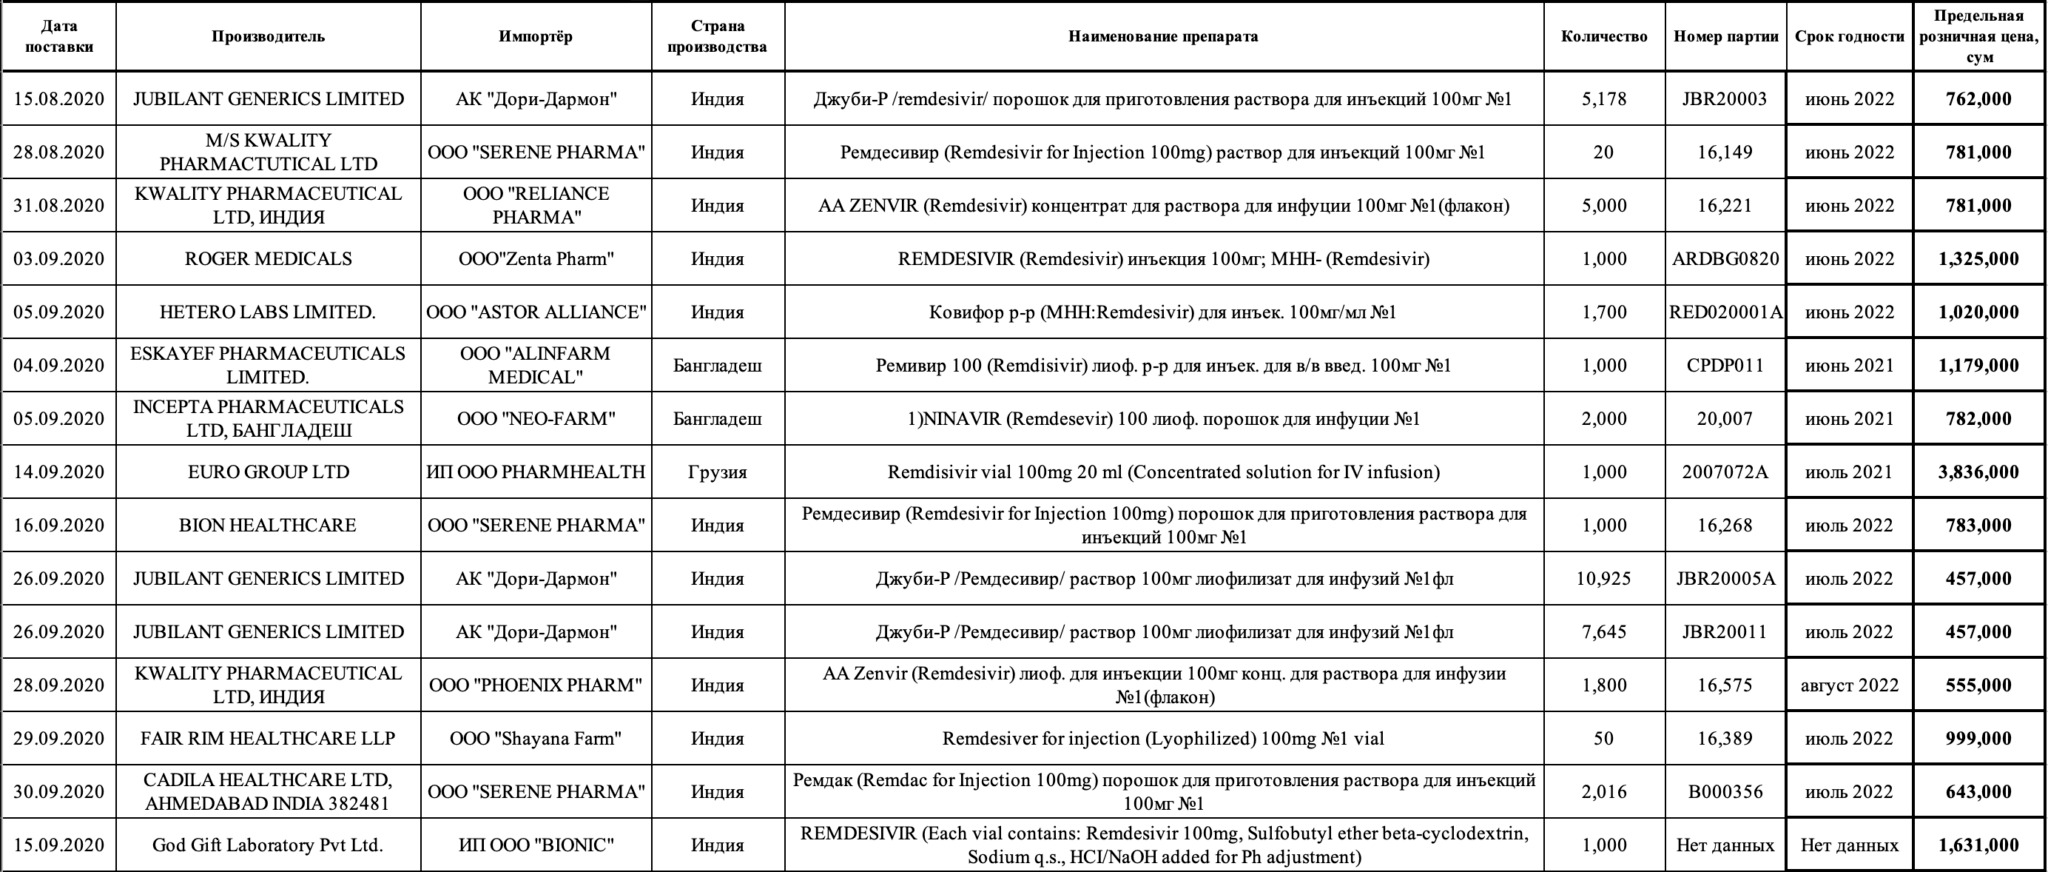 remdesivir uz - Лечение коронавируса. Ремдесивир пришел в Россию